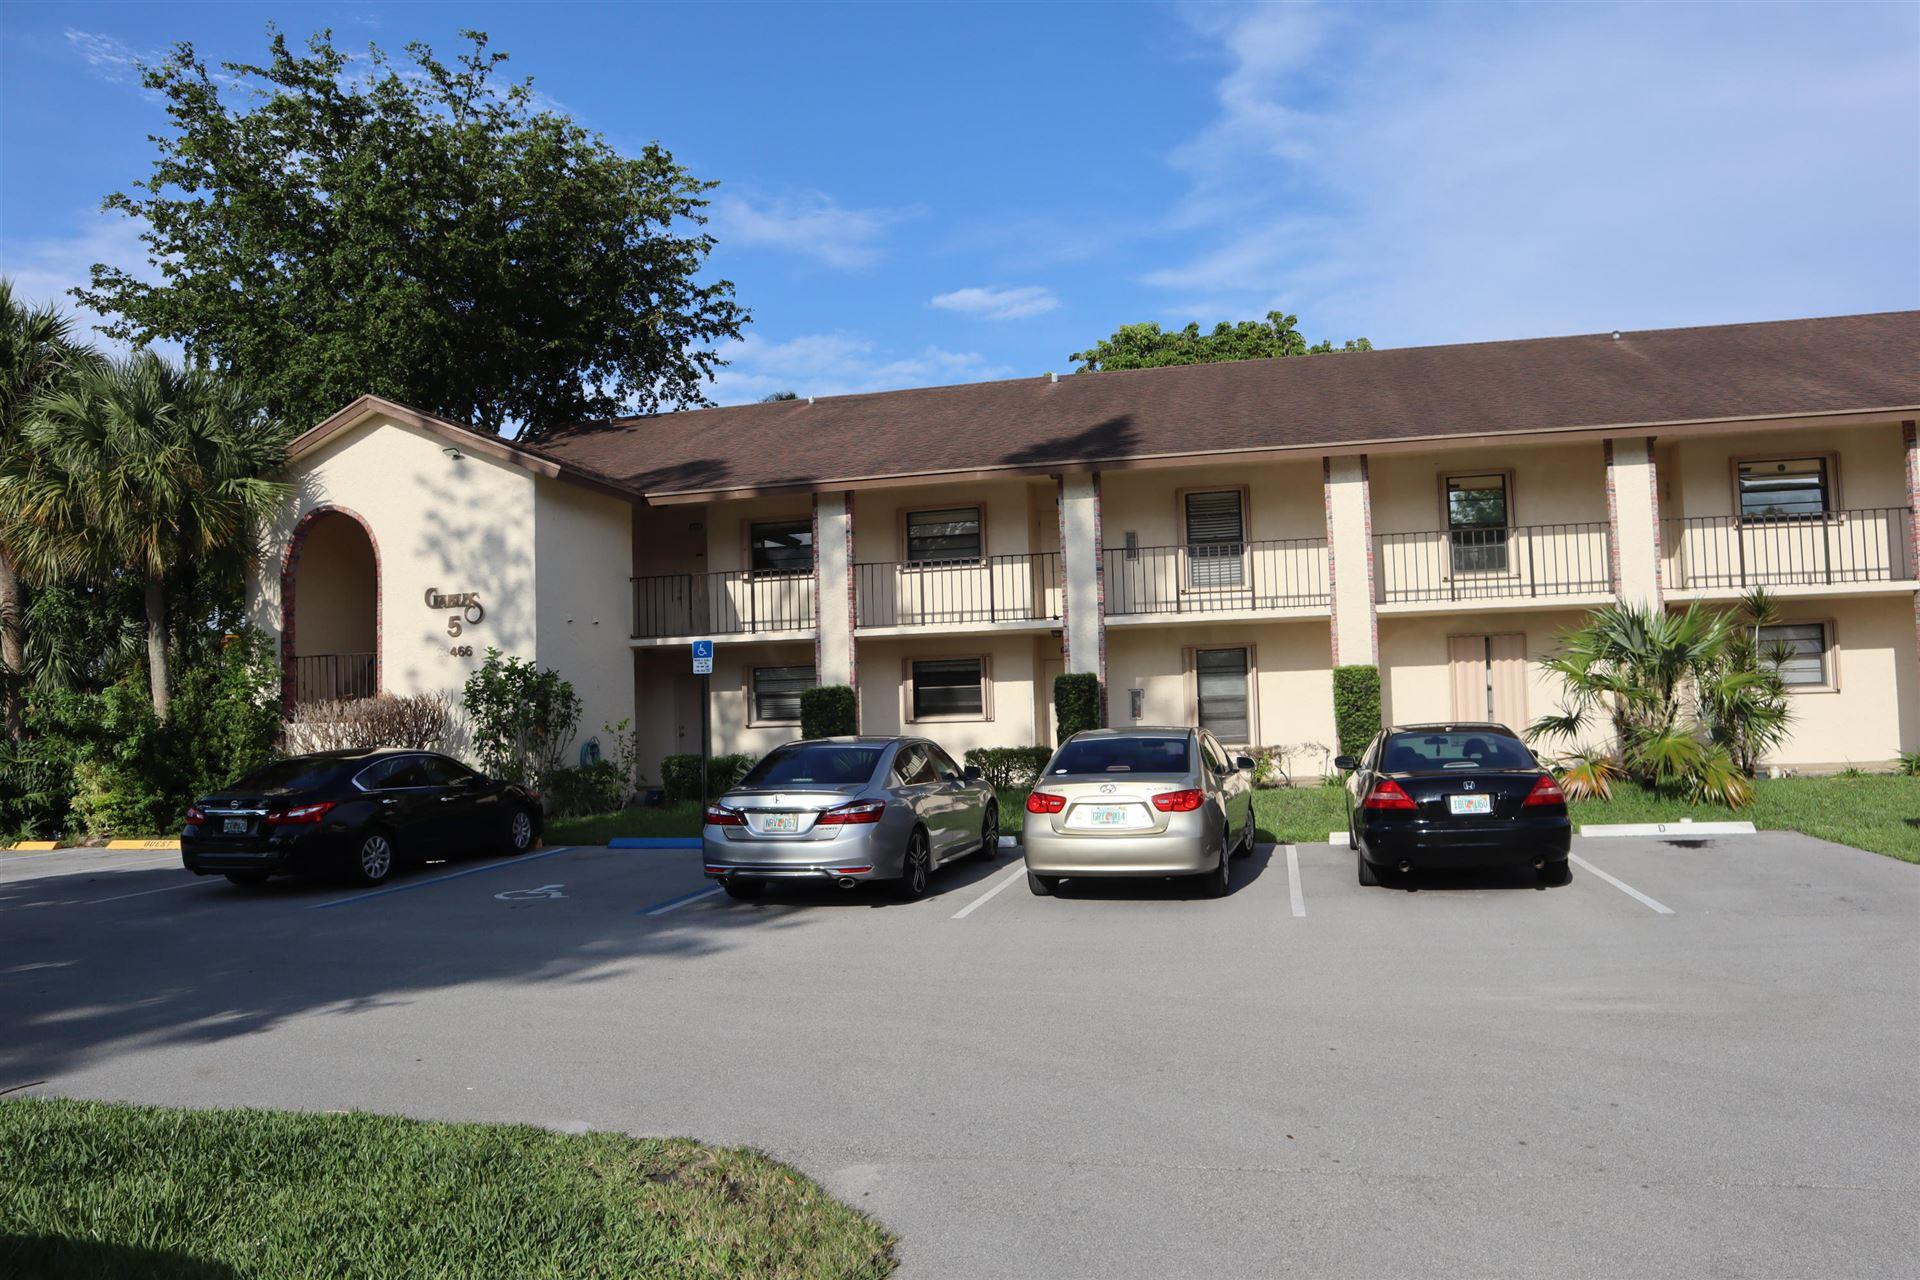 23466 SW 57th Avenue #507, Boca Raton, FL 33428 - #: RX-10603610